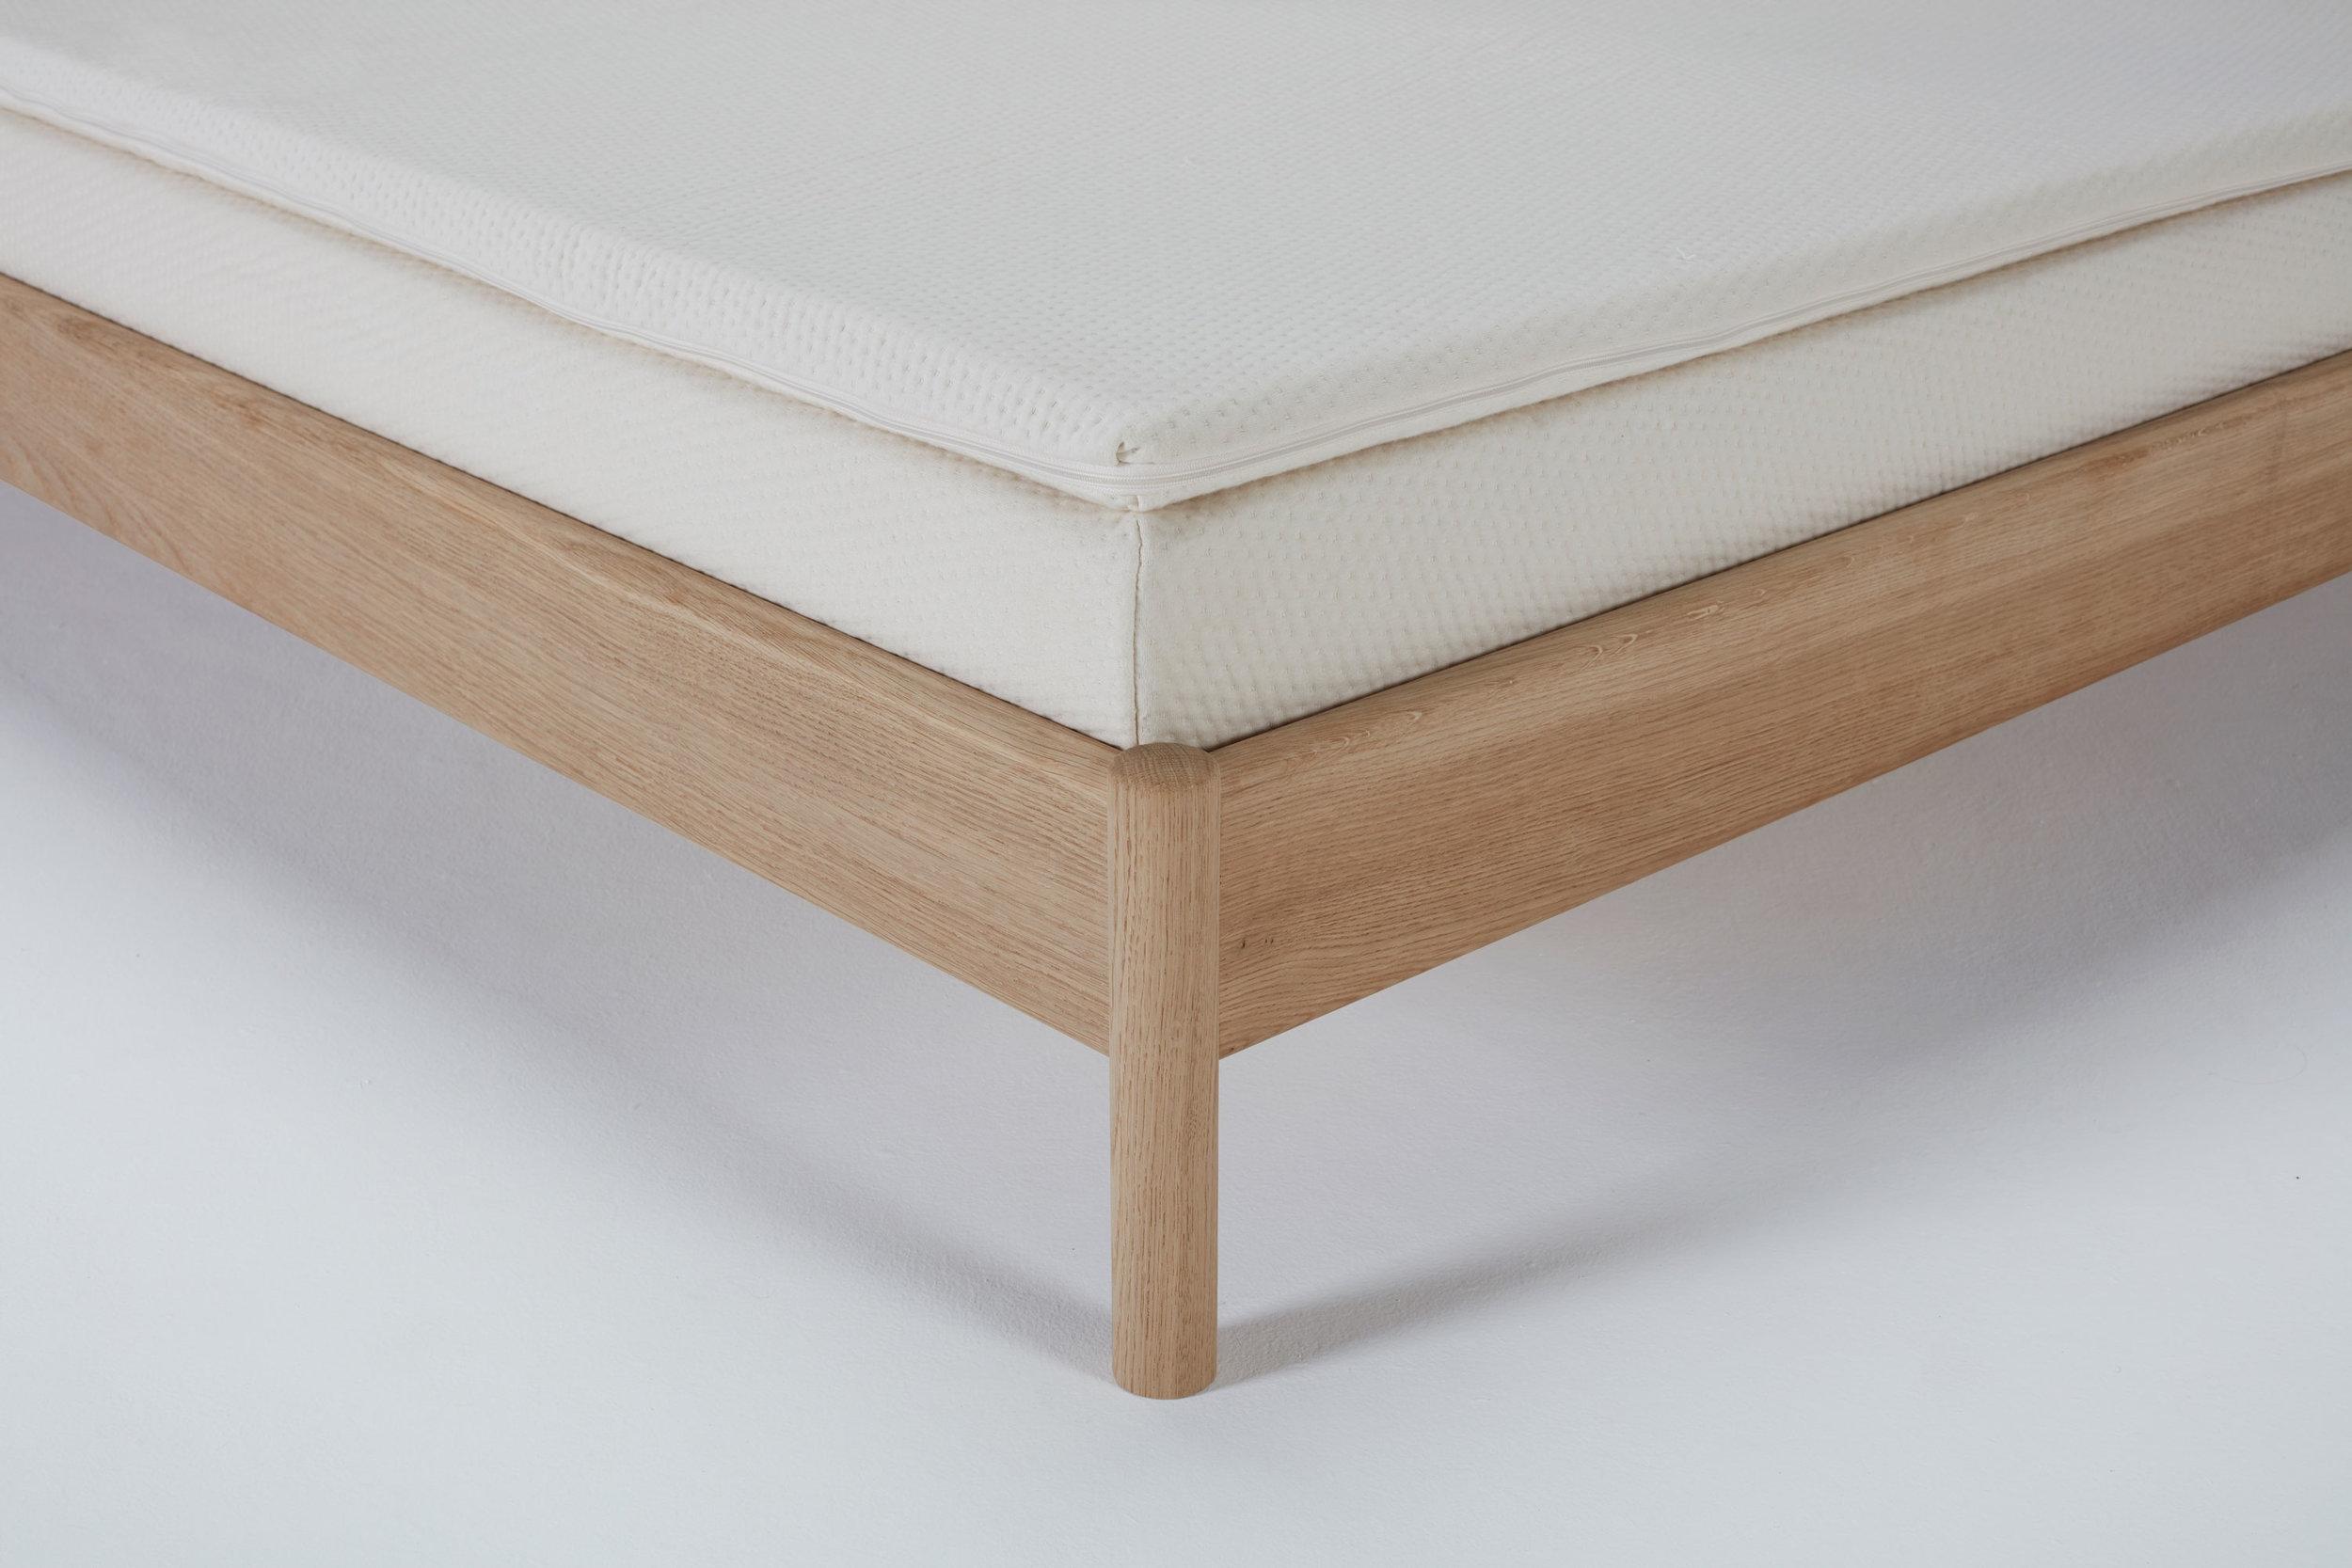 re-mattress-topper-classic-detail.jpg